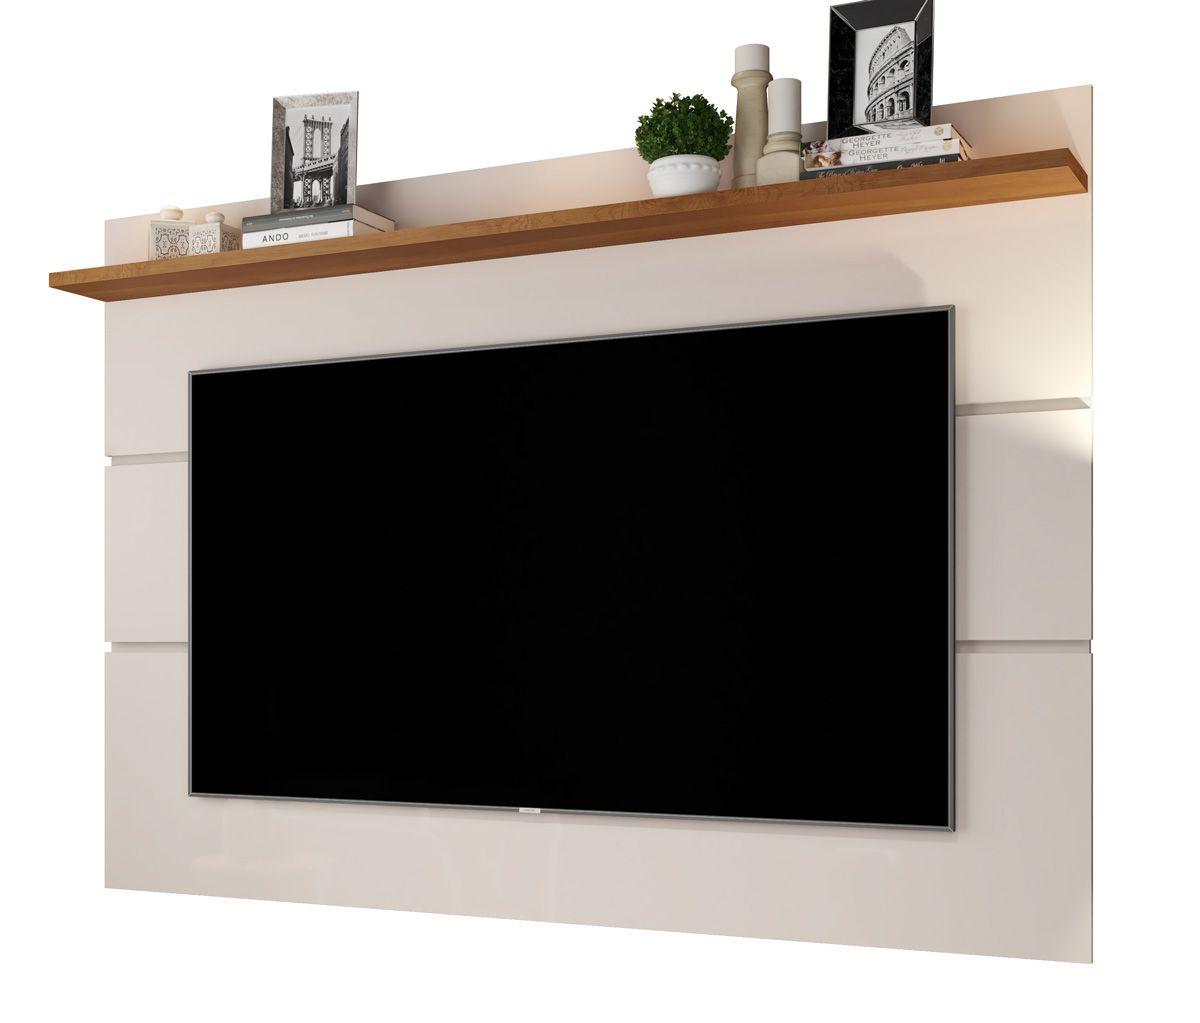 Painel para TV Vivare 1.8 Off White com Freijó - Germai Móveis